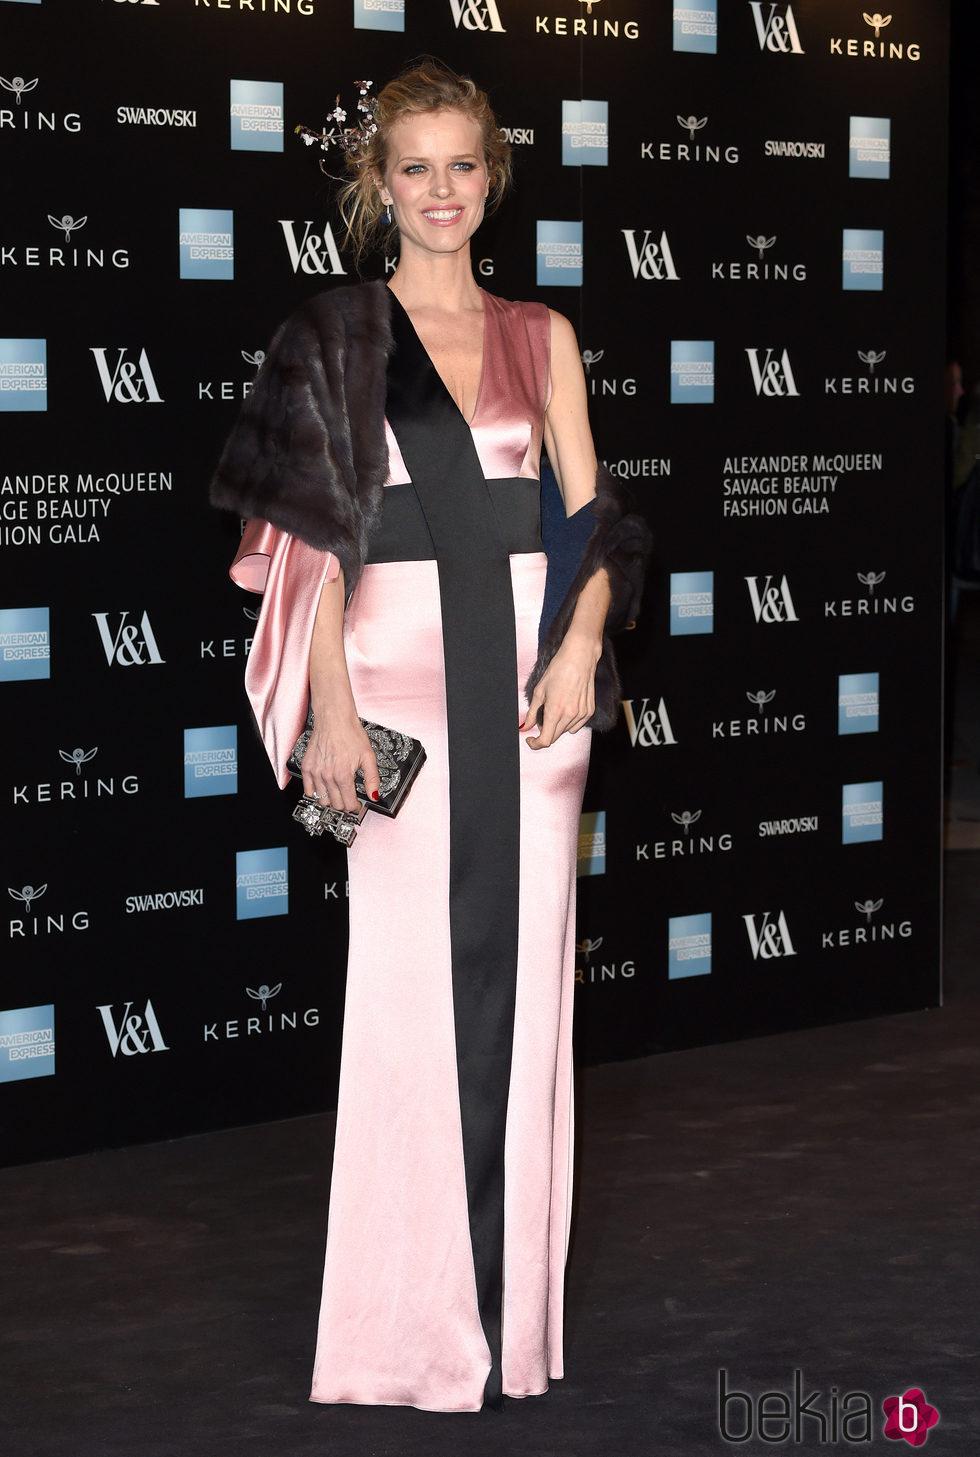 Eva Herzigová en la inauguración de la exposición de Alexander McQueen en Londres